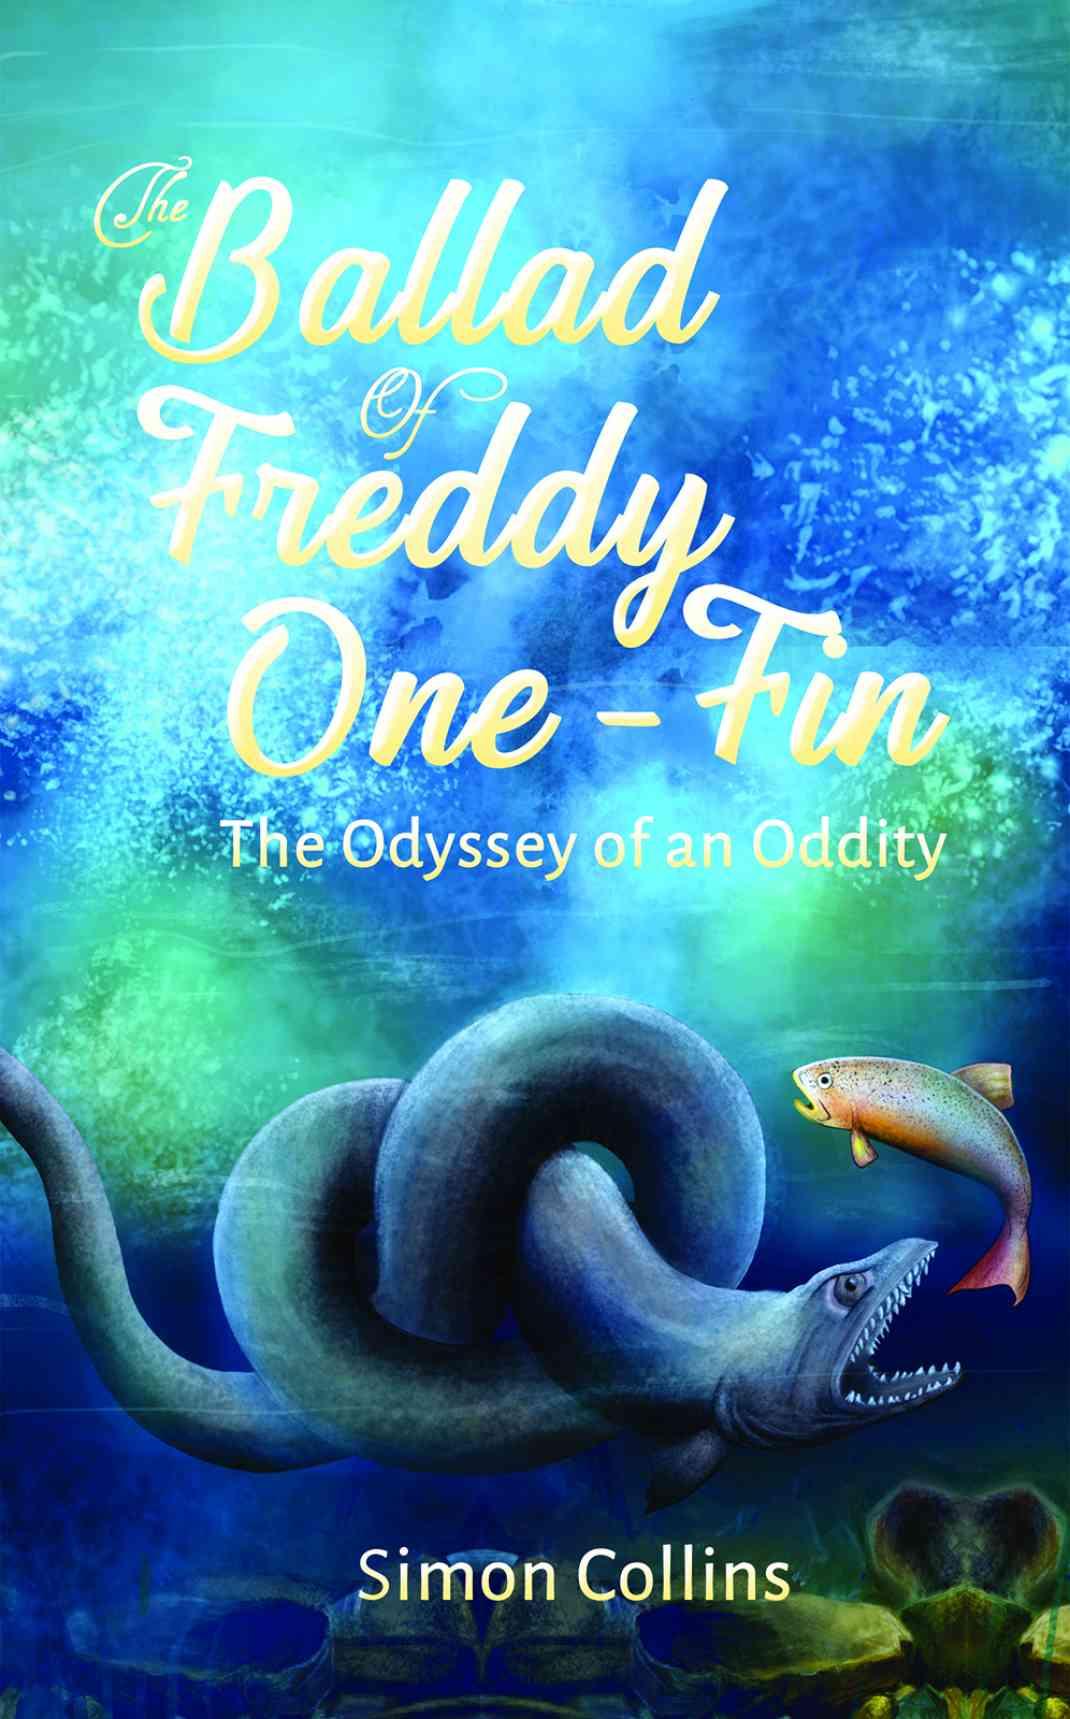 Freddy One-Fin